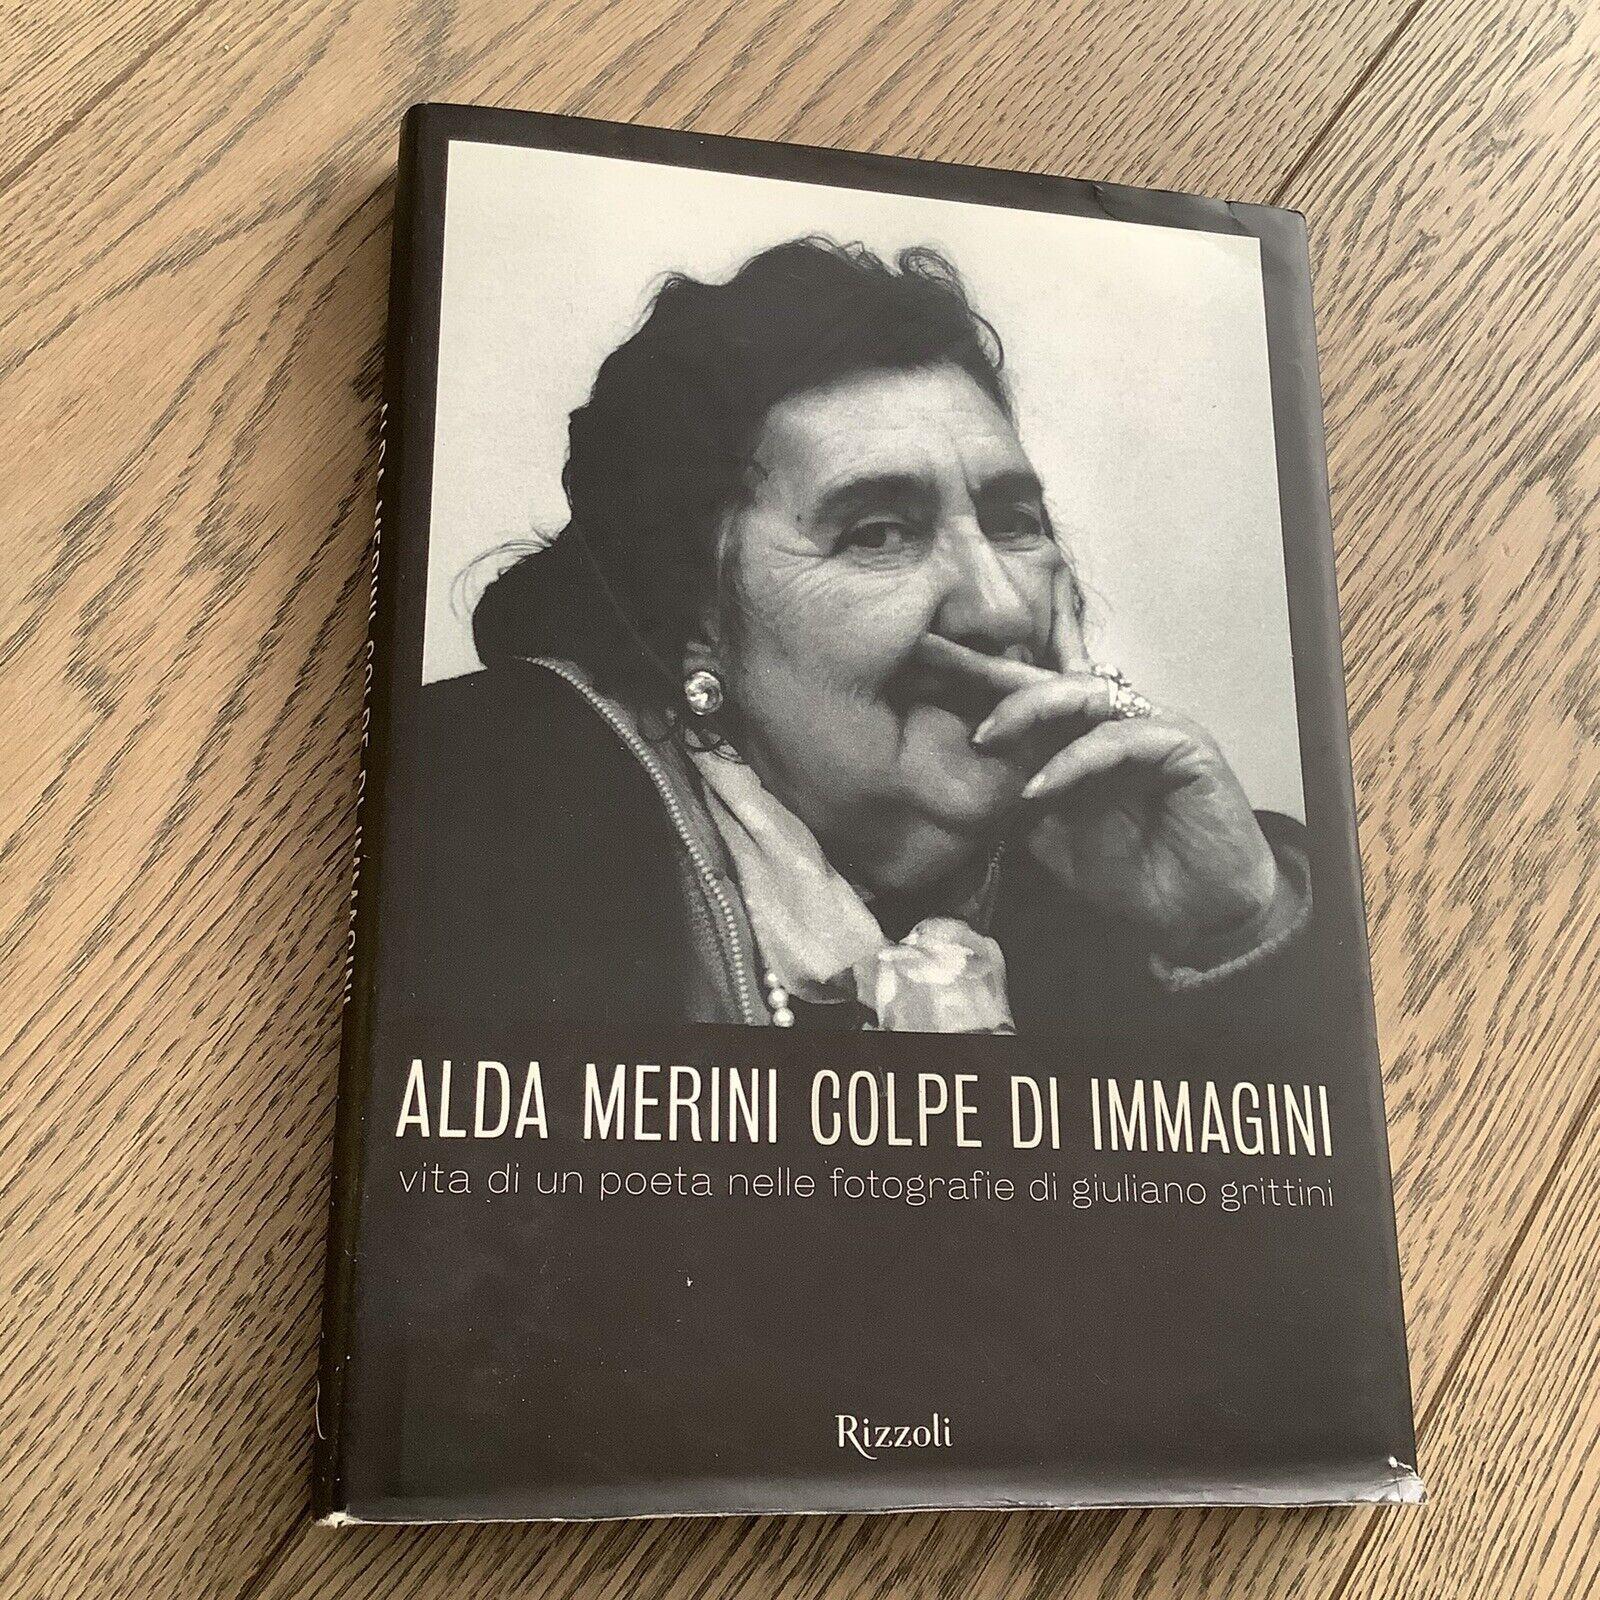 Alda Merini Colpe Di Immagini prima Edizione Rizzoli